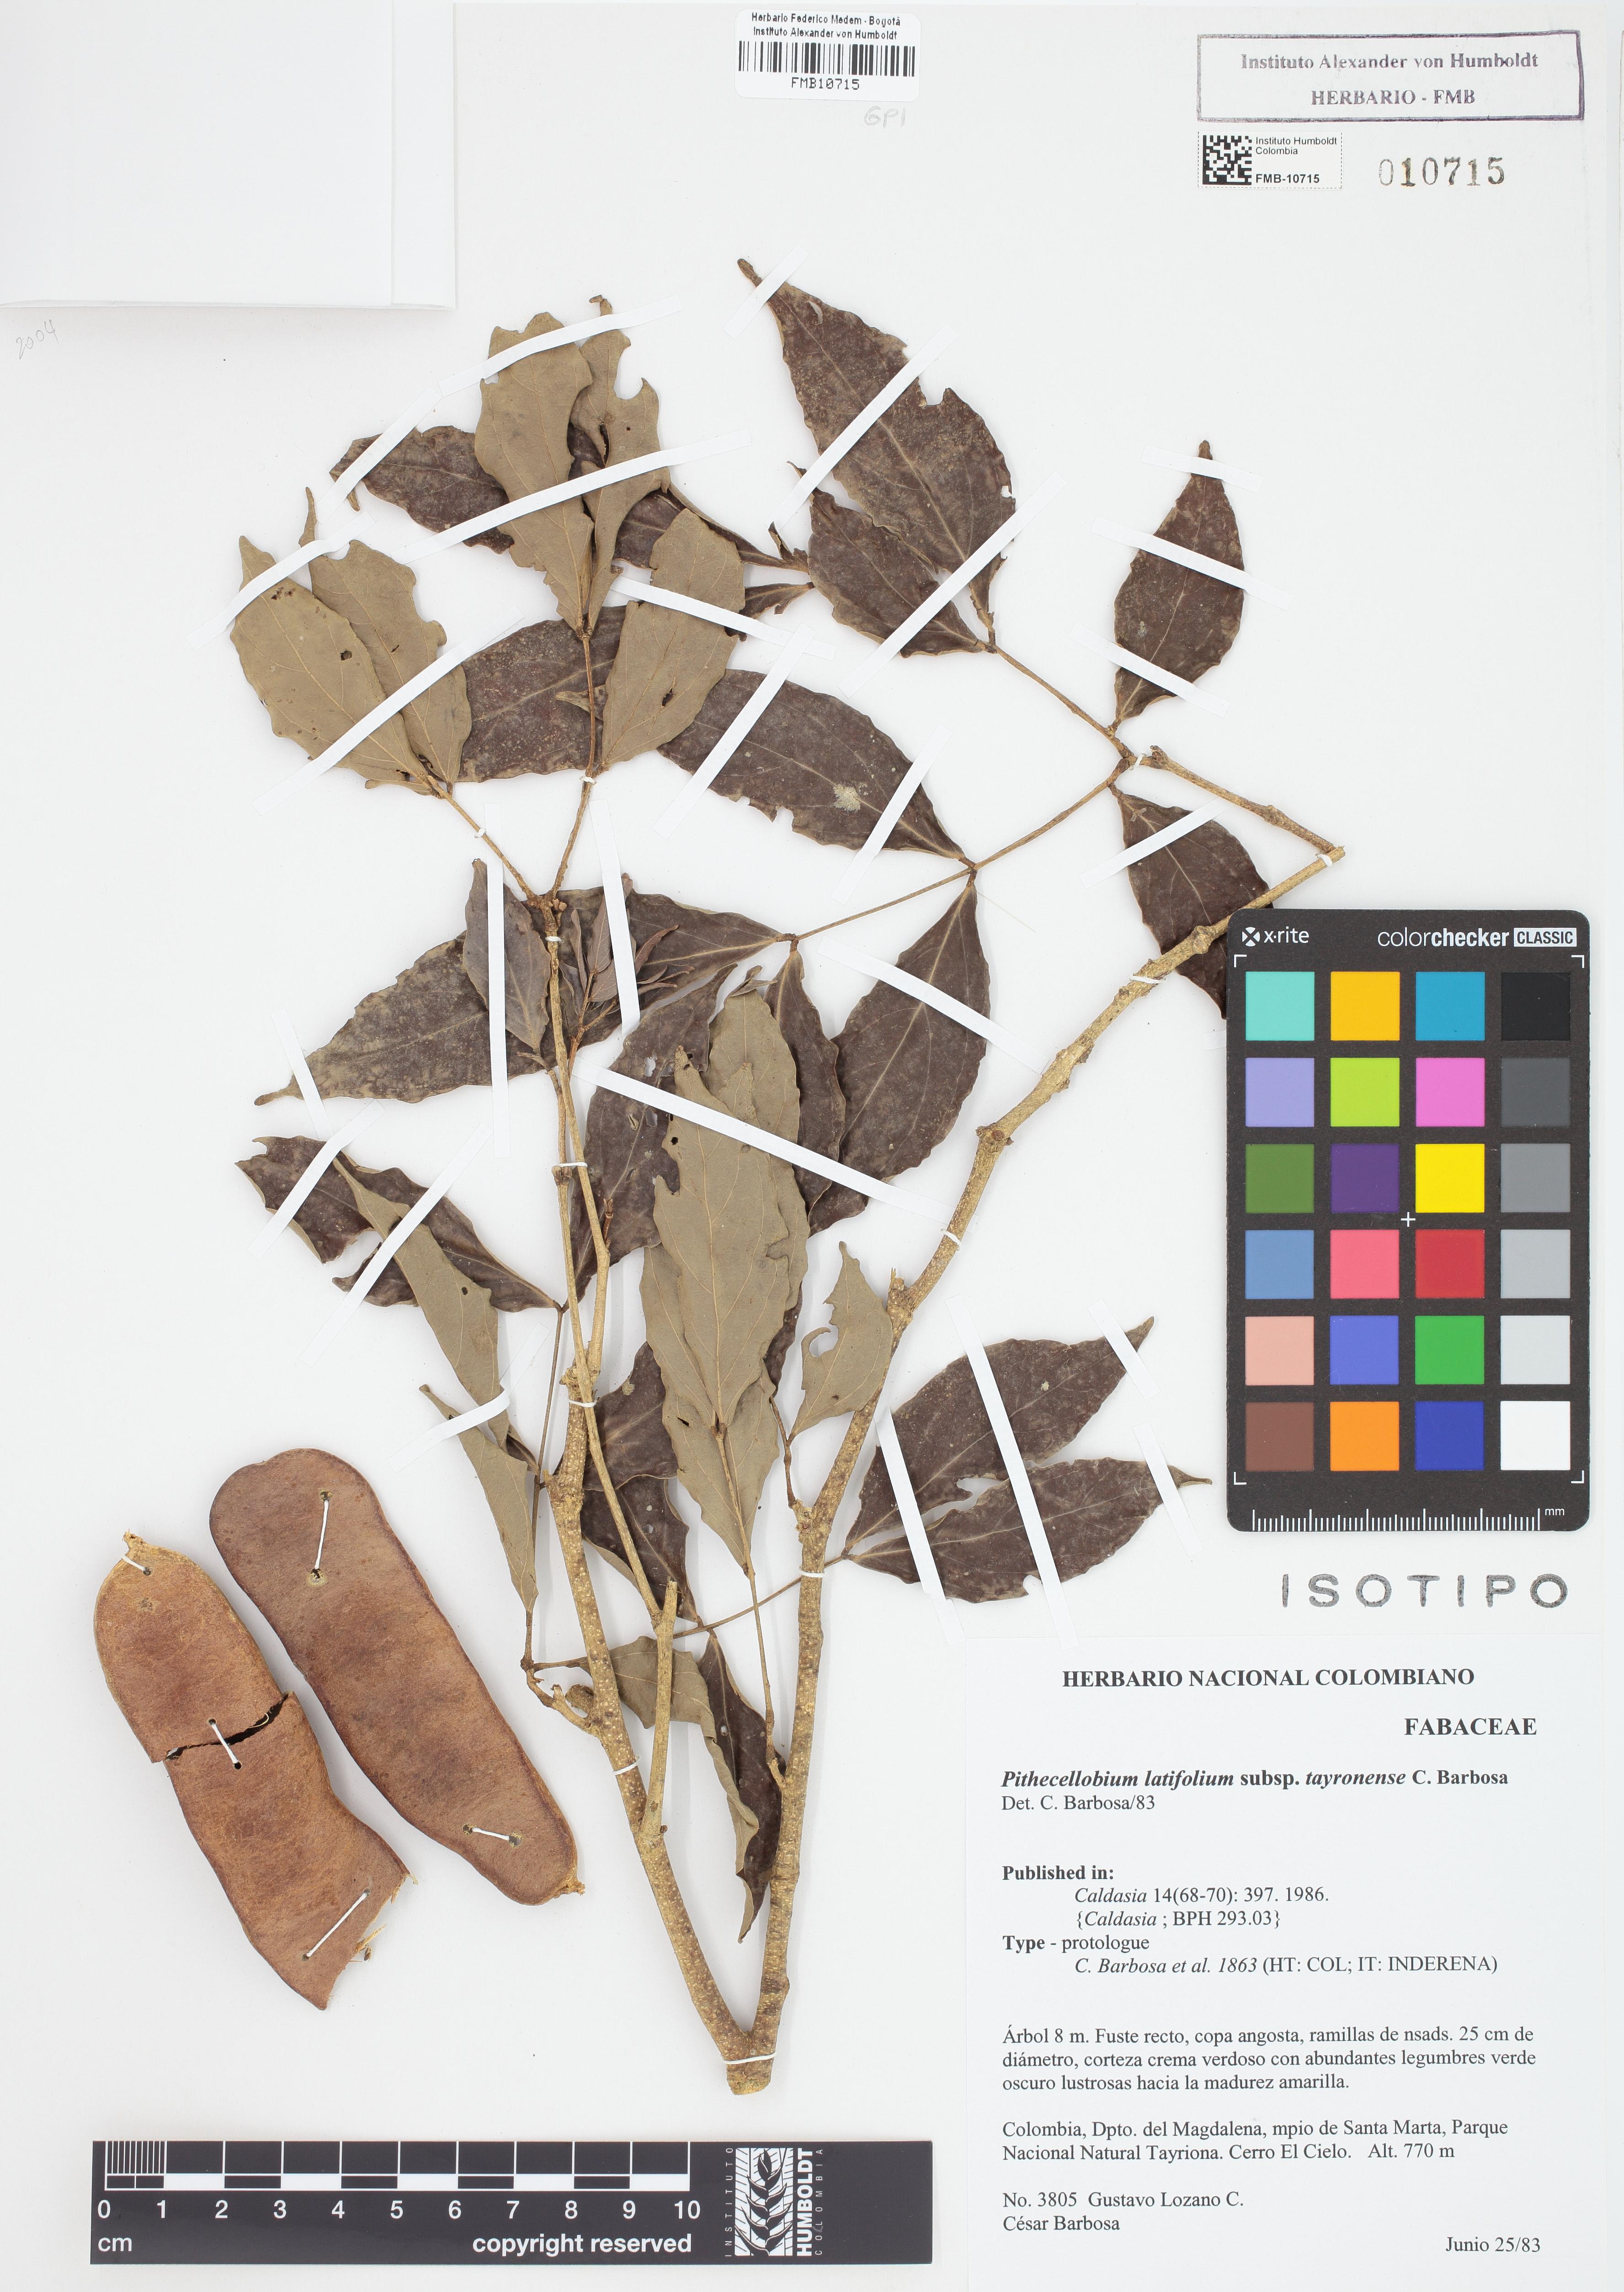 Isotipo de <em>Pithecellobium latifolium</em> subsp. <em>tayronense</em>, FMB-10715, Fotografía por Robles A.